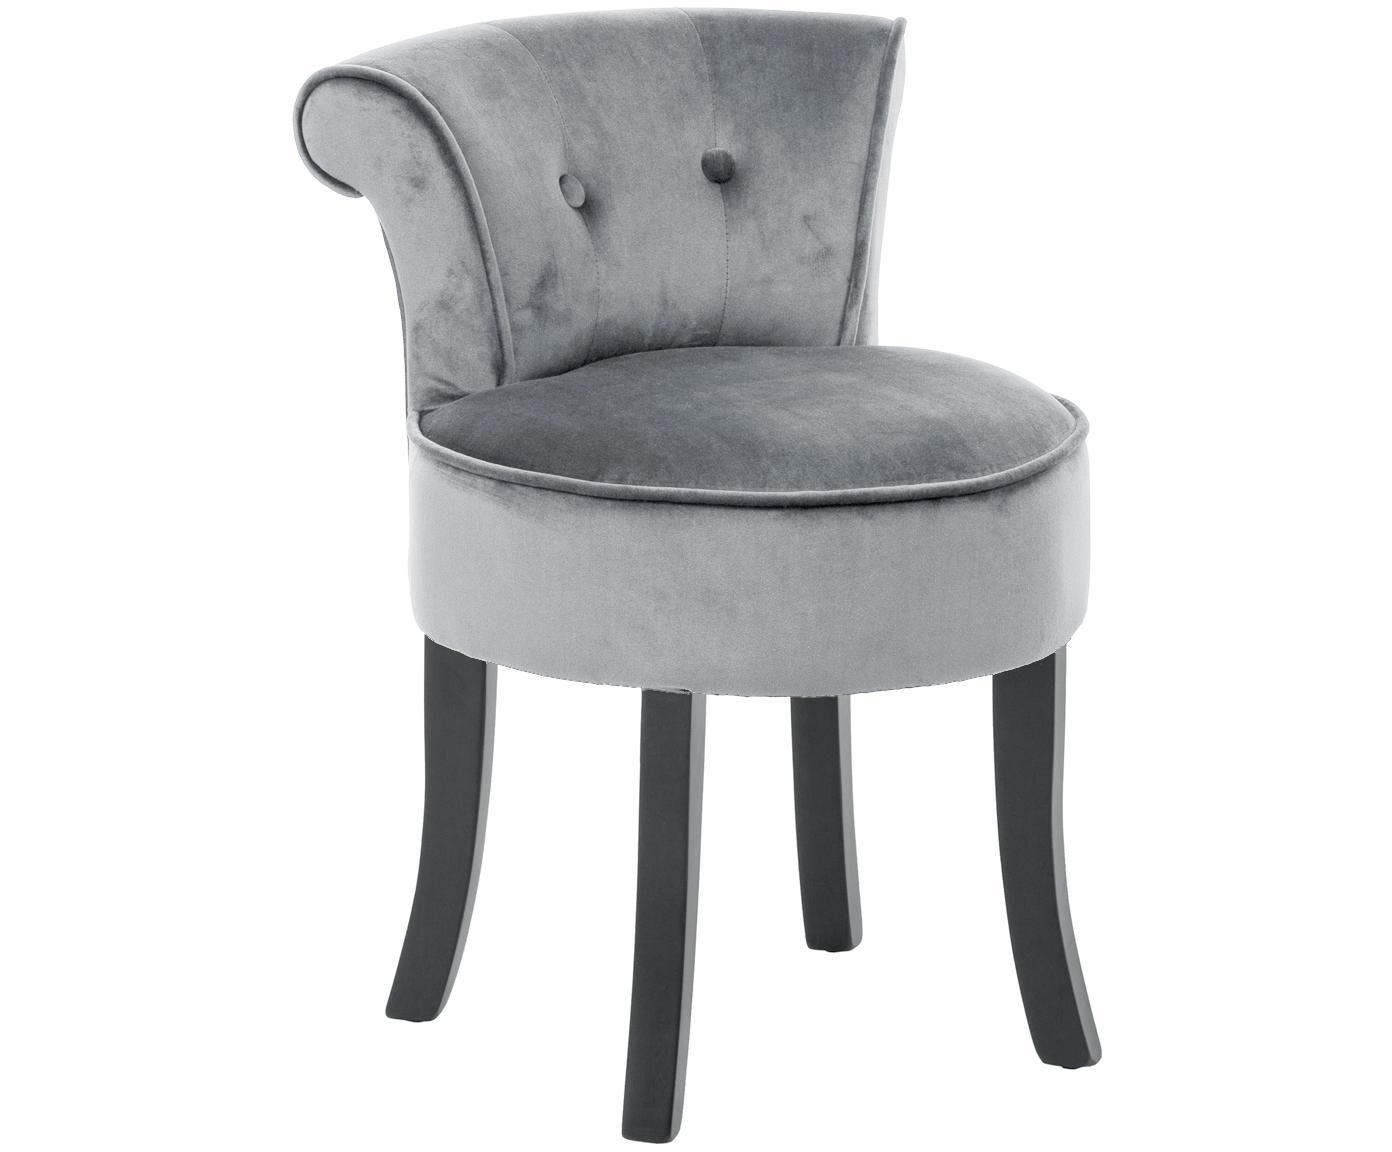 Fluwelen kruk Alison, Bekleding: katoenfluweel, Frame: hout, Poten: gelakt berkenhout, Bekleding: grijs. Poten: zwart, 48 x 65 cm